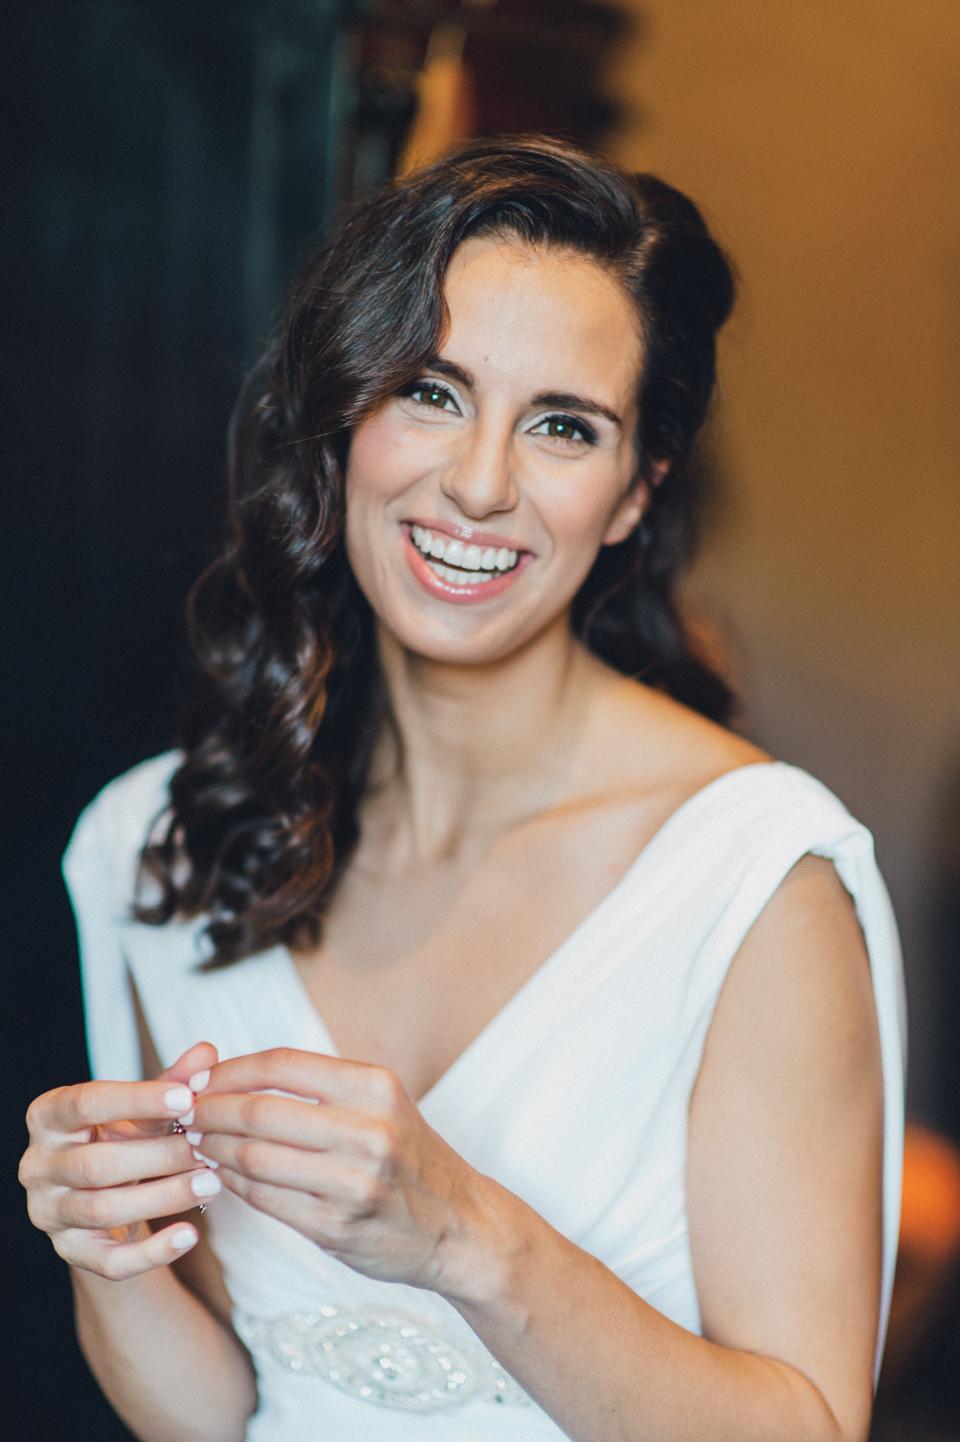 elegante-diy-hochzeit-essen-17 Ewa & Michael Herbst Hochzeit in Essenelegante diy hochzeit essen 17